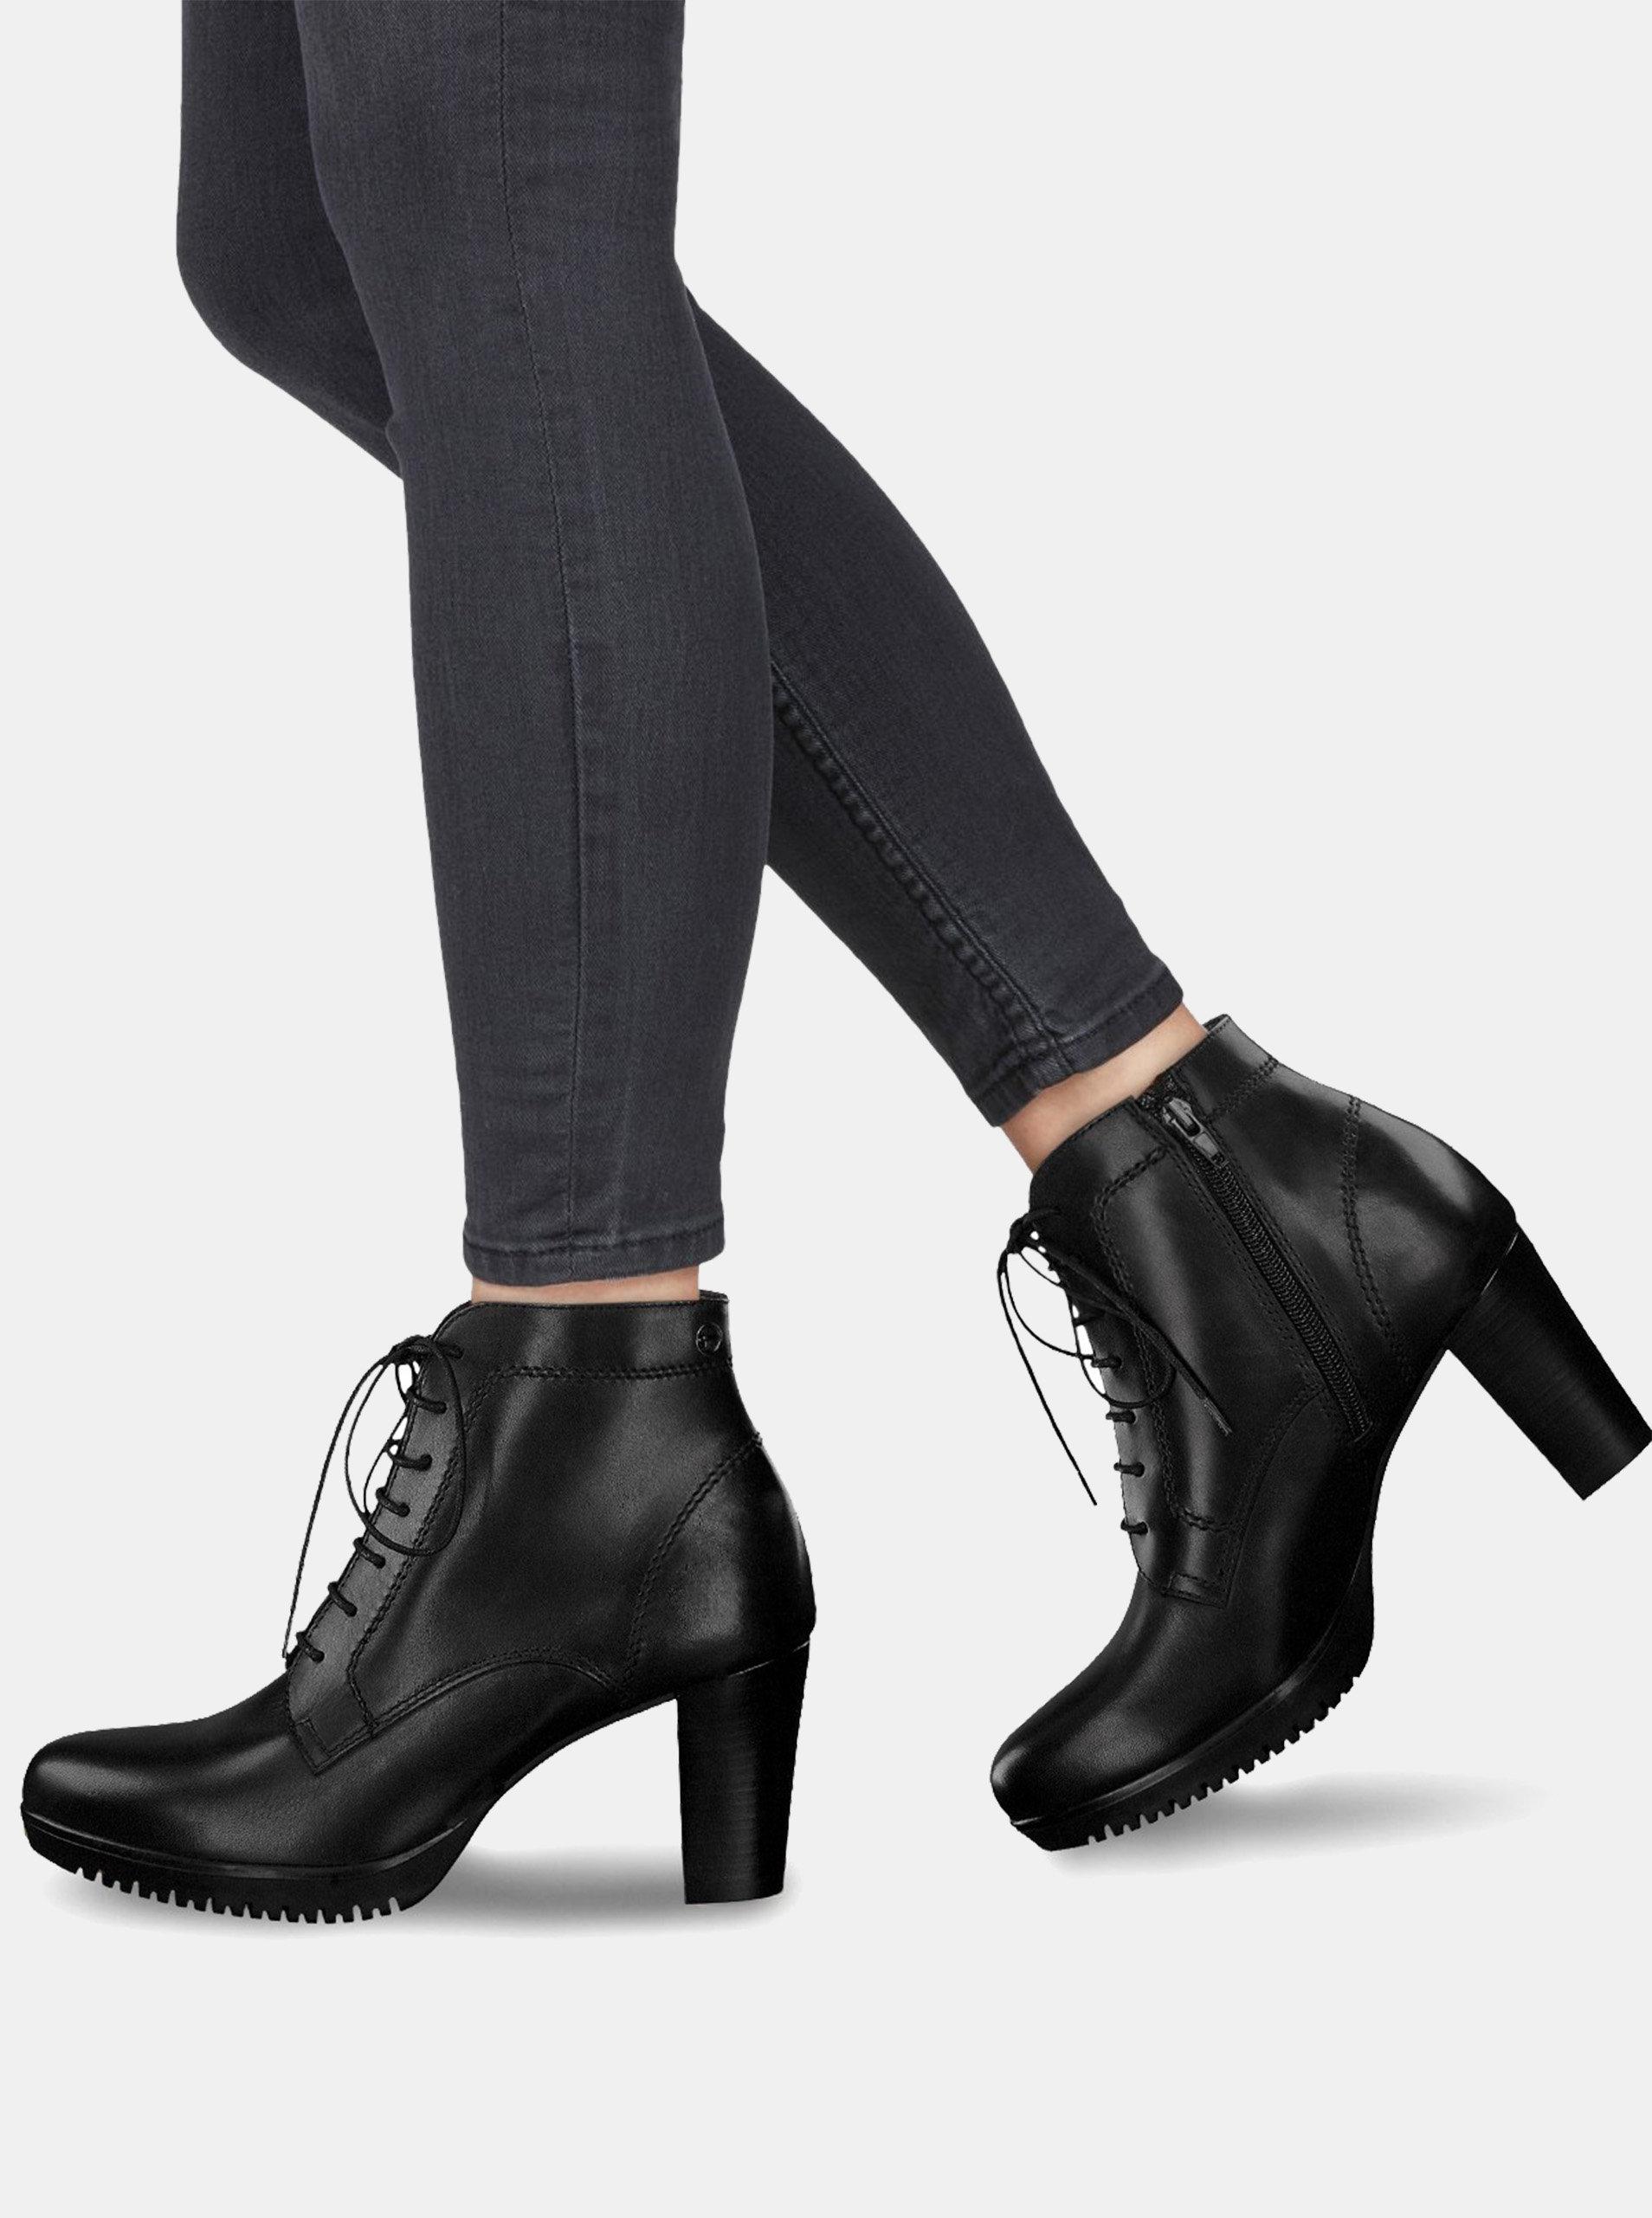 372d4ee6f9 Čierne kožené členkové topánky na vysokom podpätku so šnurovaním Tamaris ...